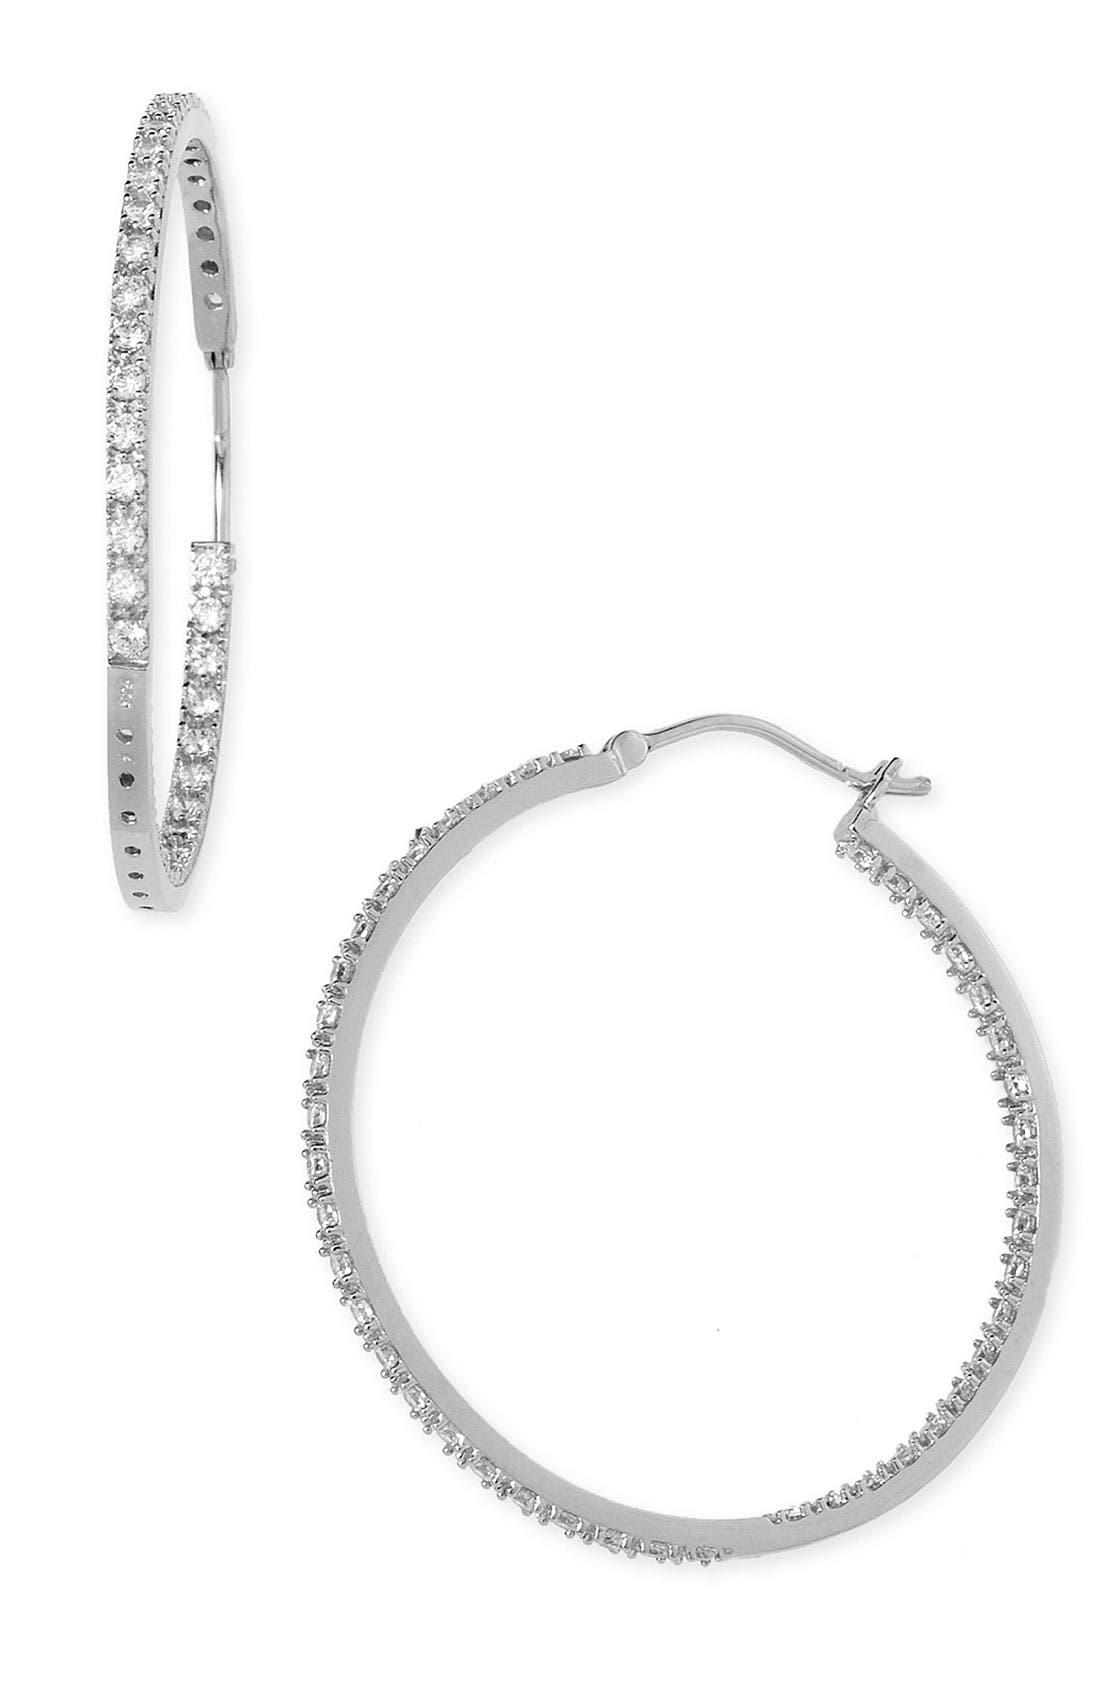 Alternate Image 1 Selected - Nordstrom 'Inside Out' Cubic Zirconia Hoop Earrings